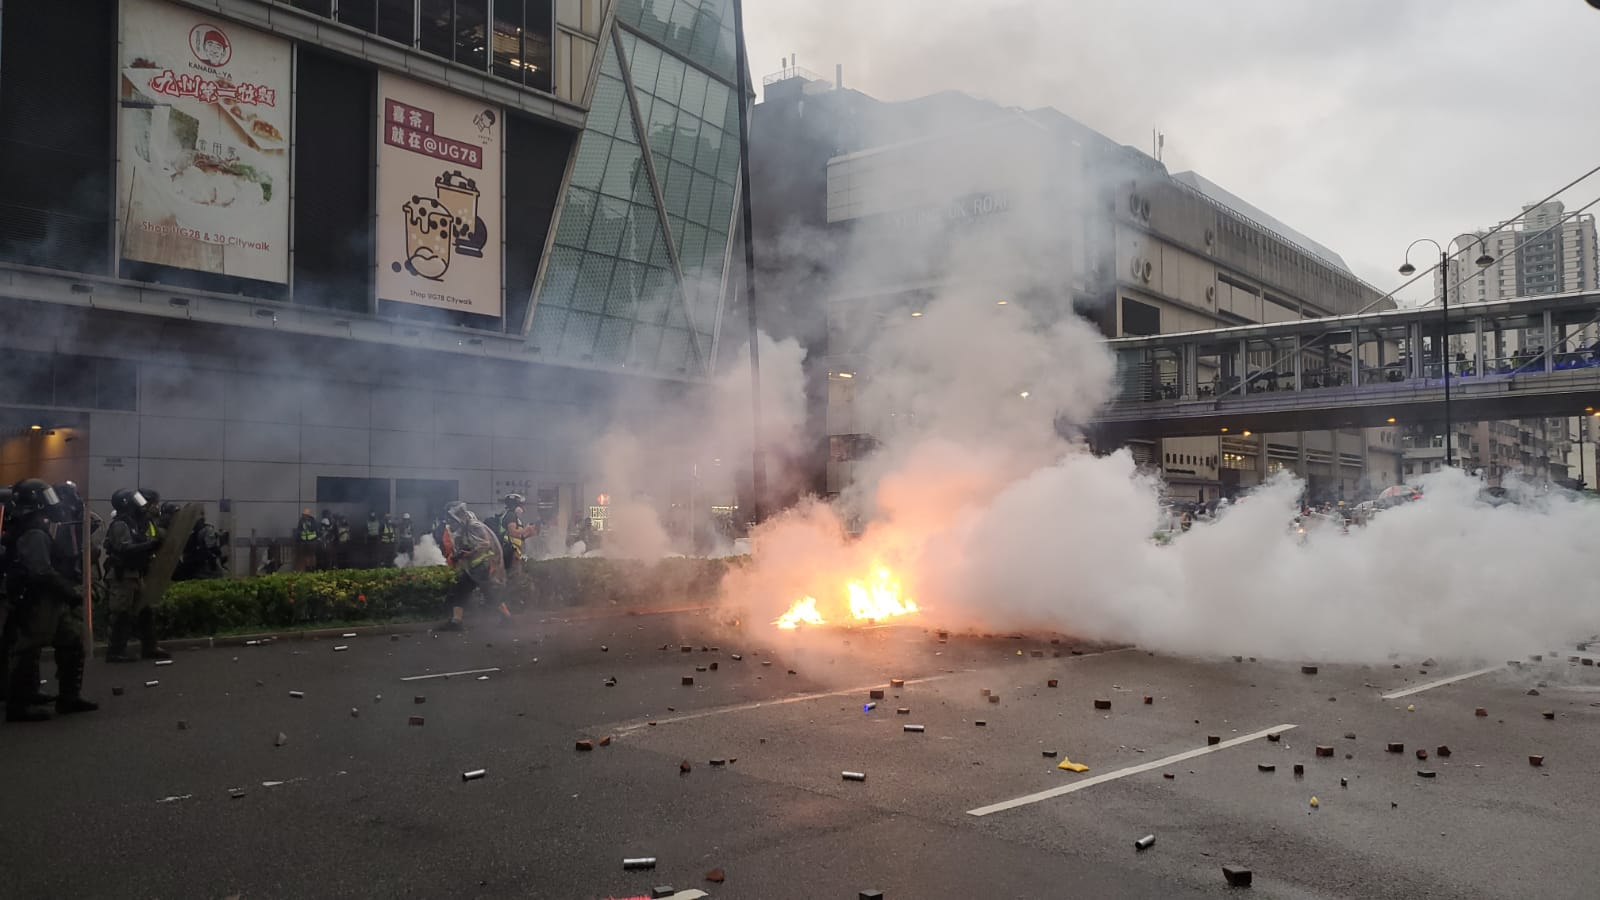 【荃葵青遊行】楊屋道示威者反攻投擲磚頭汽油彈 警方舉橙旗開槍